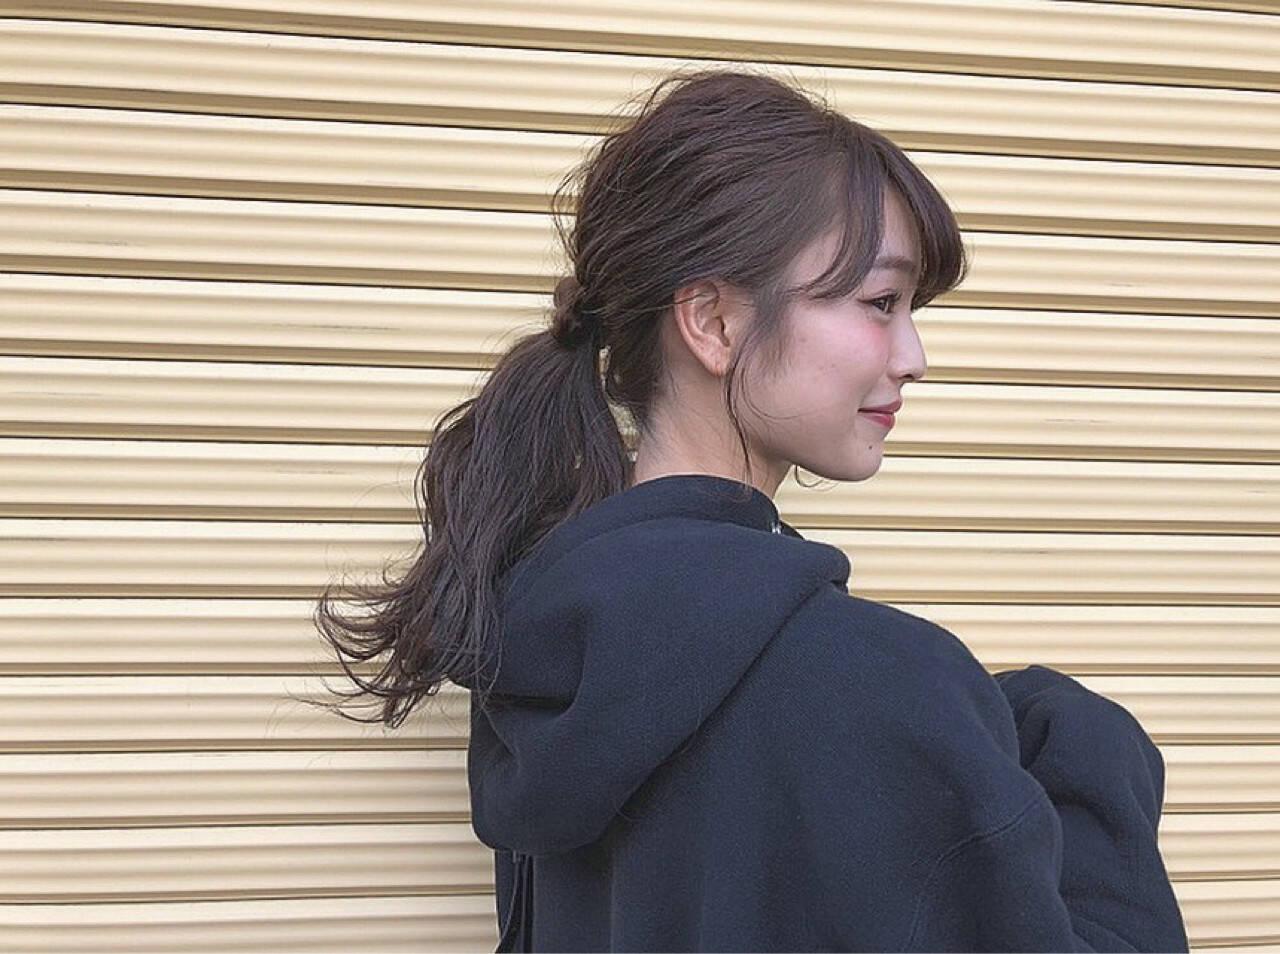 ナチュラル ショート セミロング ローポニーテールヘアスタイルや髪型の写真・画像